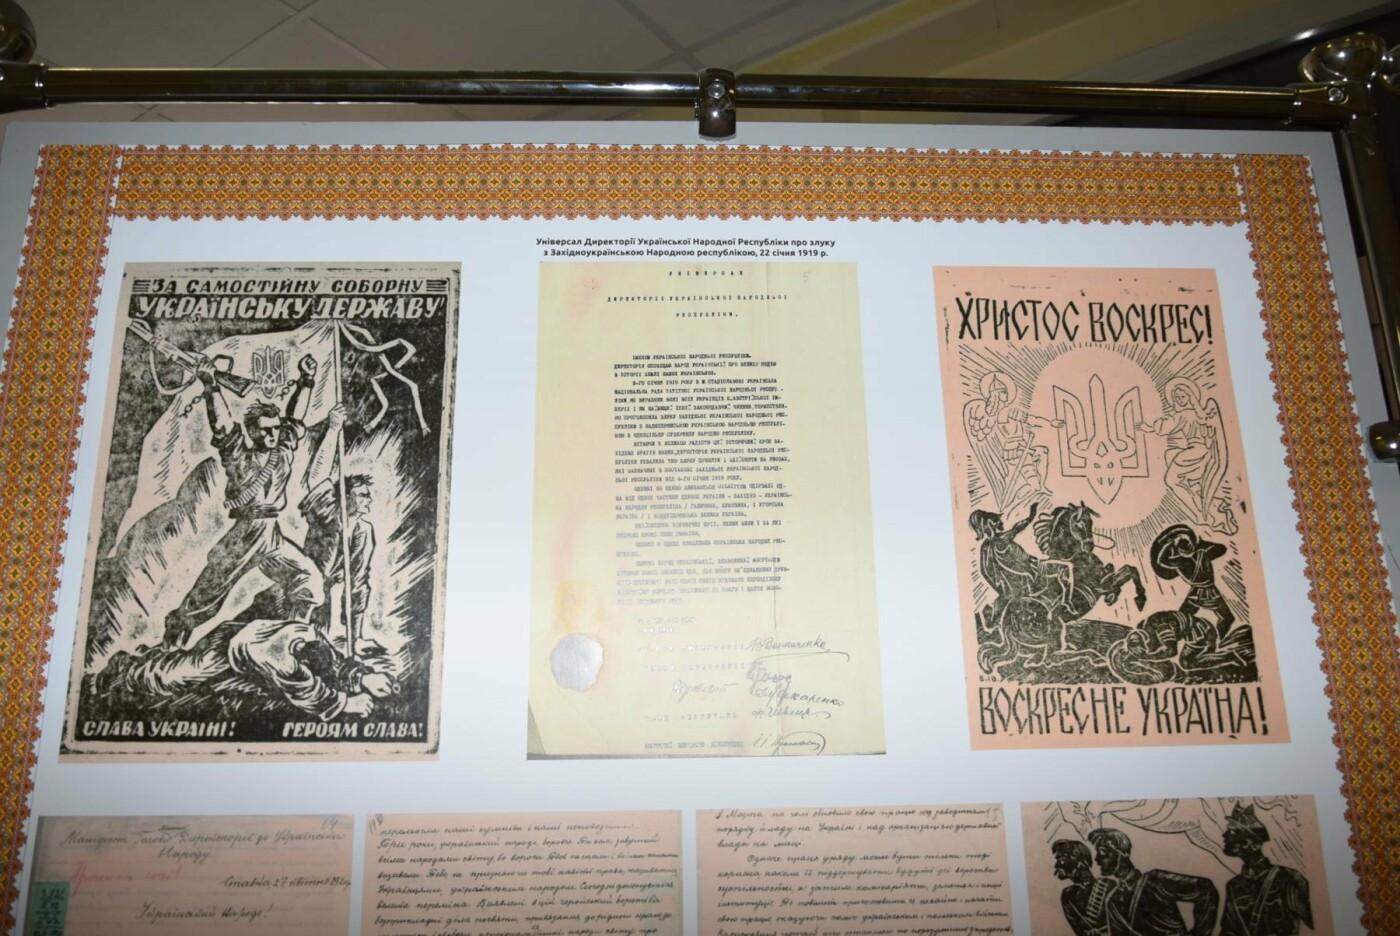 «Слава Украине! Героям Слава!»: каменчанам покажут газету с первой публикацией исторического лозунга, фото-5